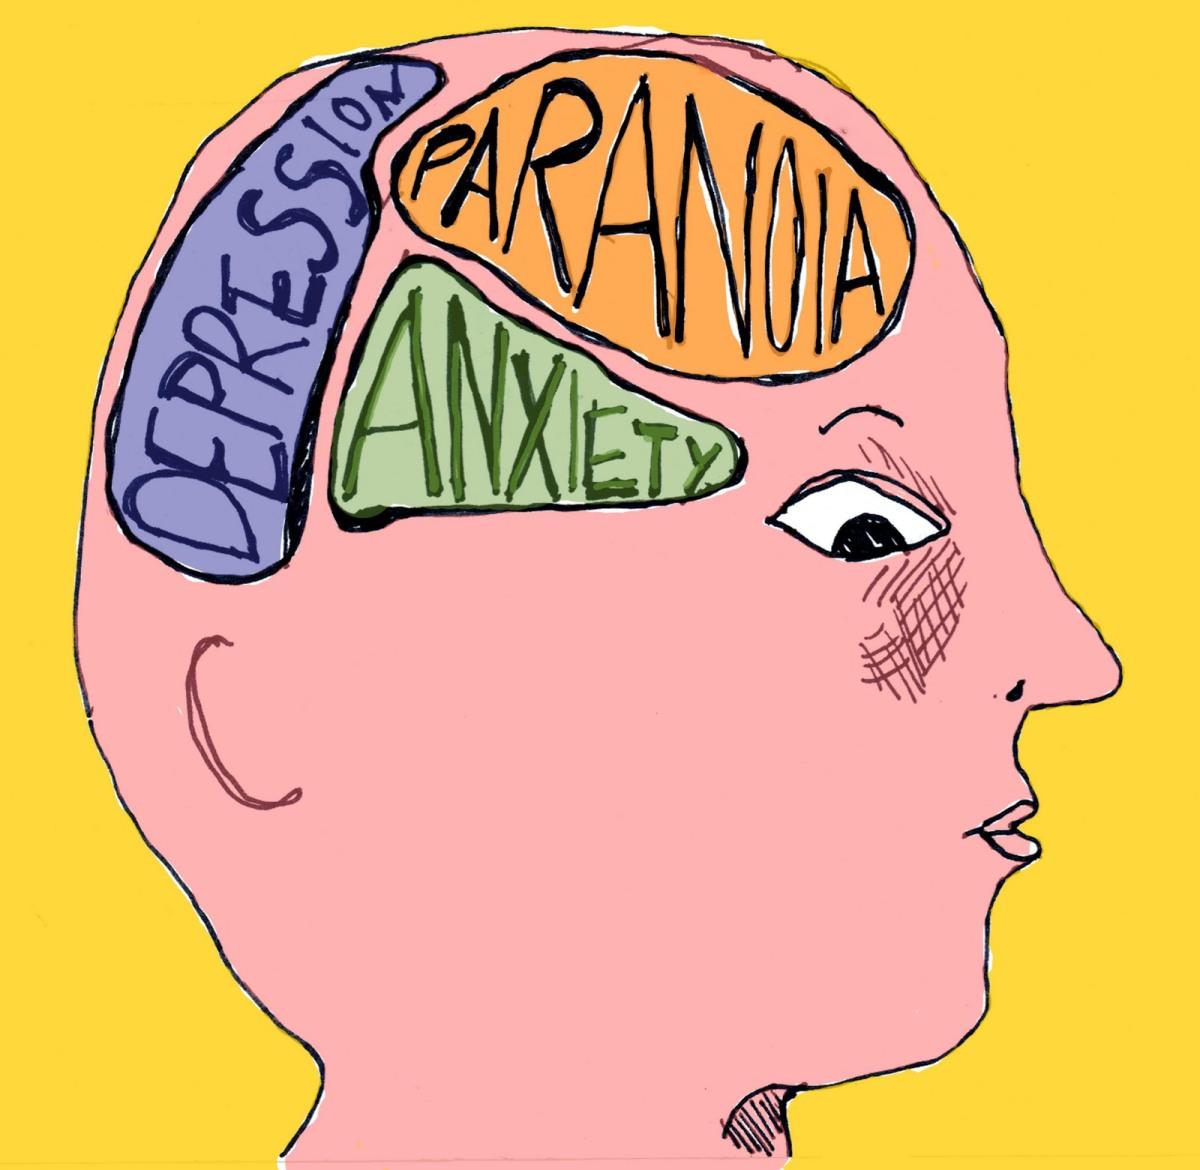 Retratos de las enfermedades mentales más comunes